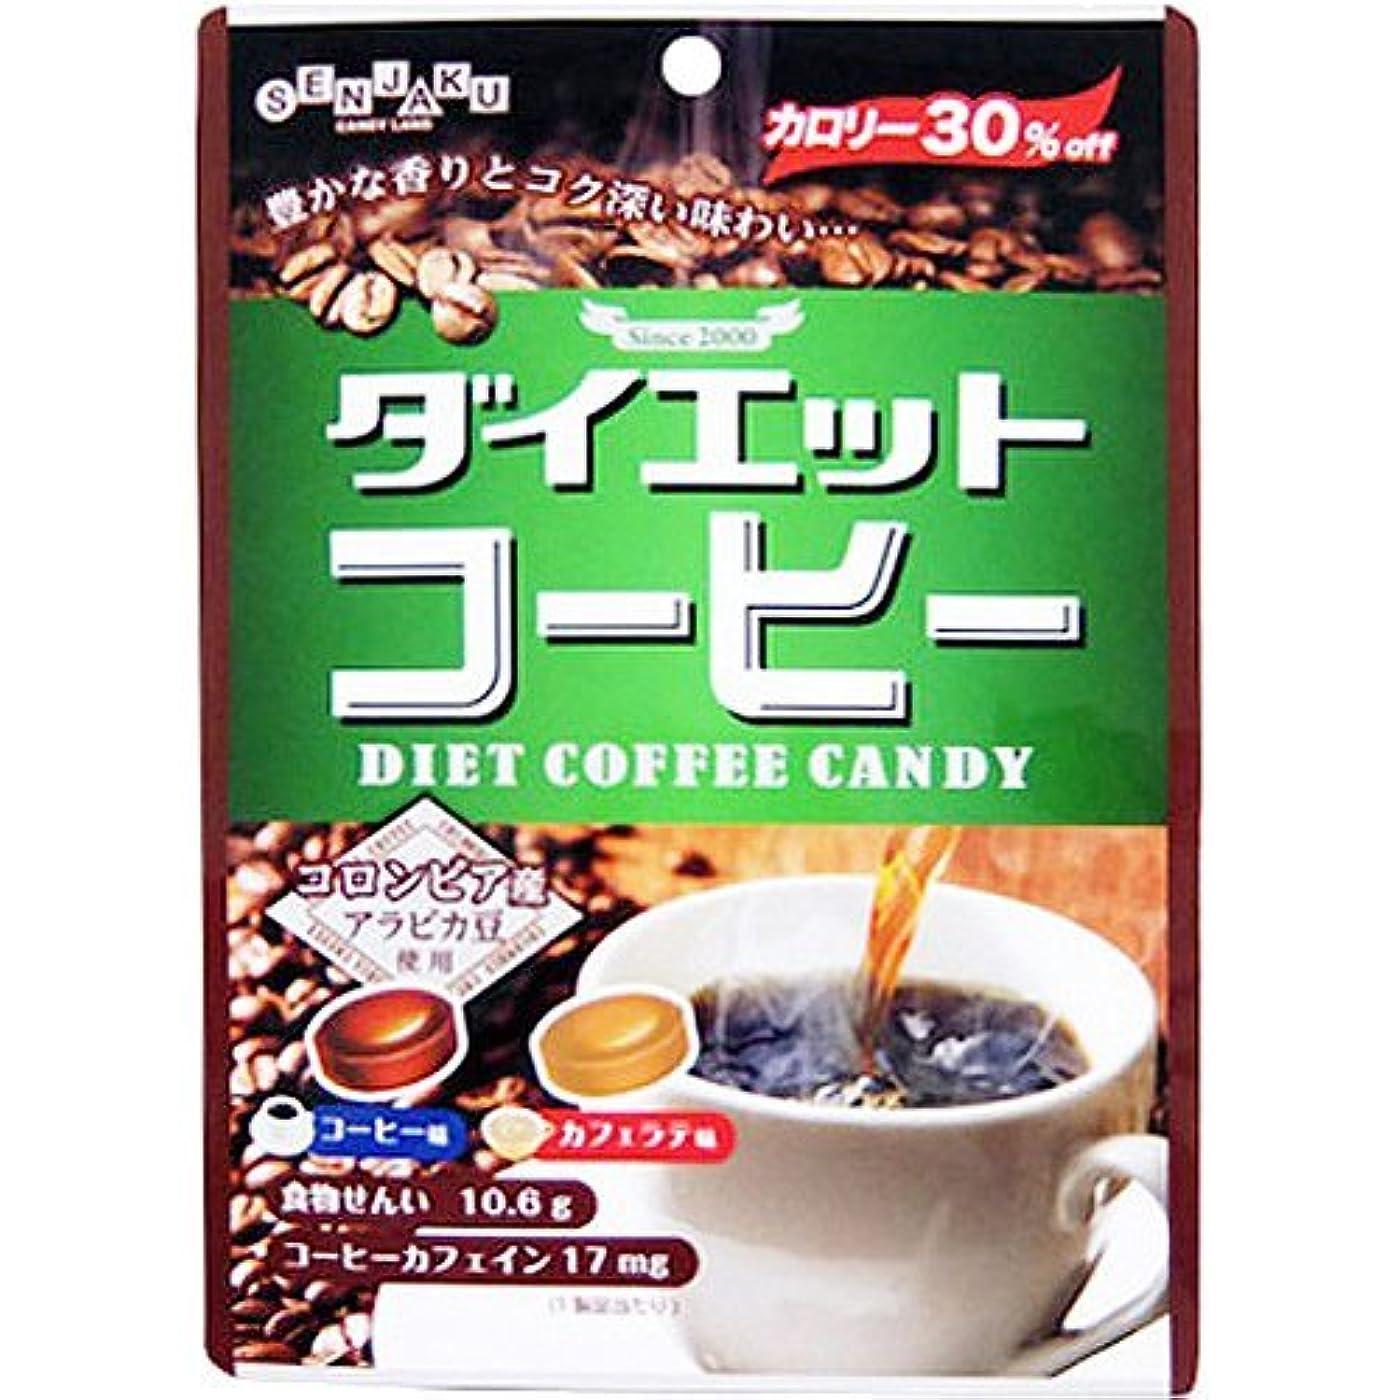 リーフレット未亡人収容する扇雀飴本舗 ダイエットコーヒー 80g